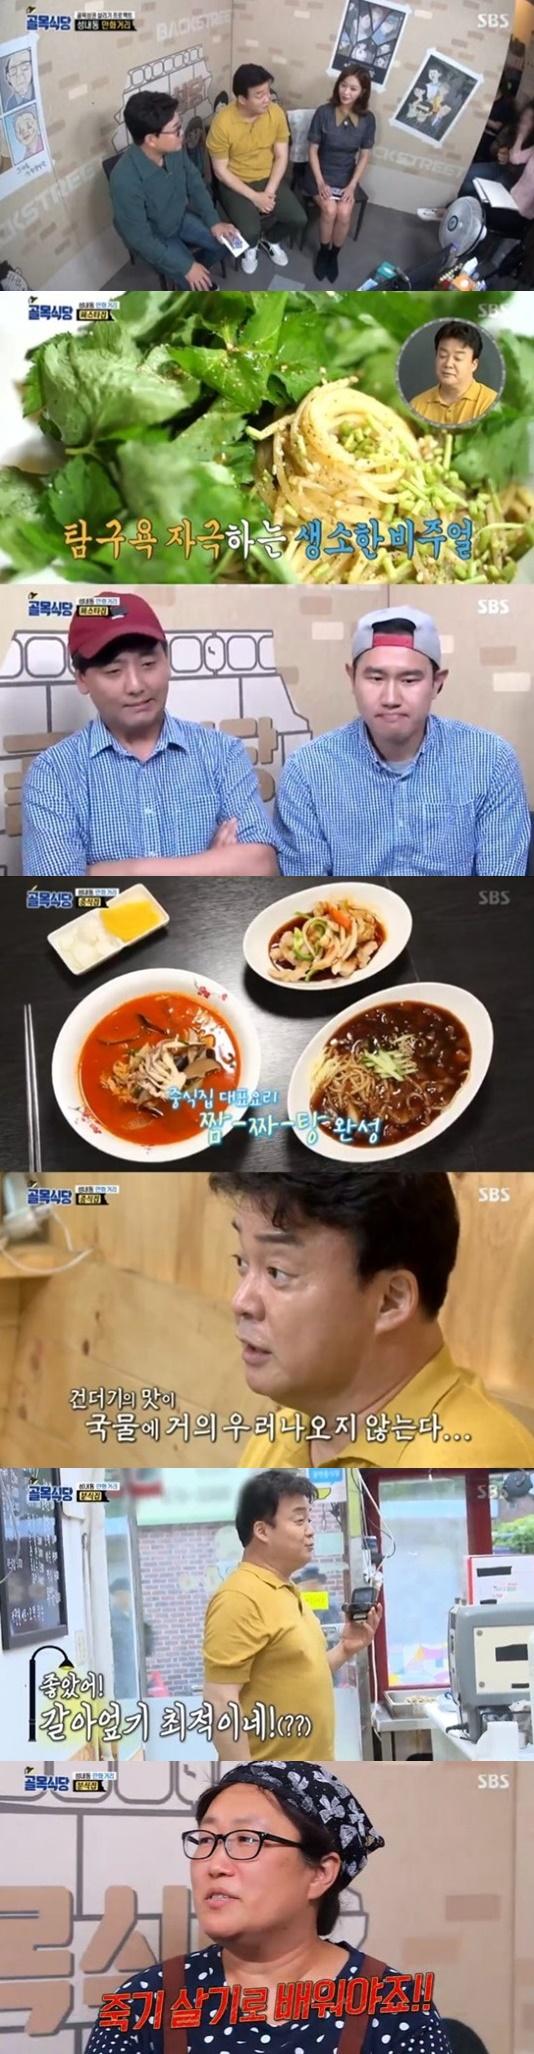 """'골목식당' 水夜평정...""""죽기살기"""" 분식집 결의 8.2% '최고 1분'"""